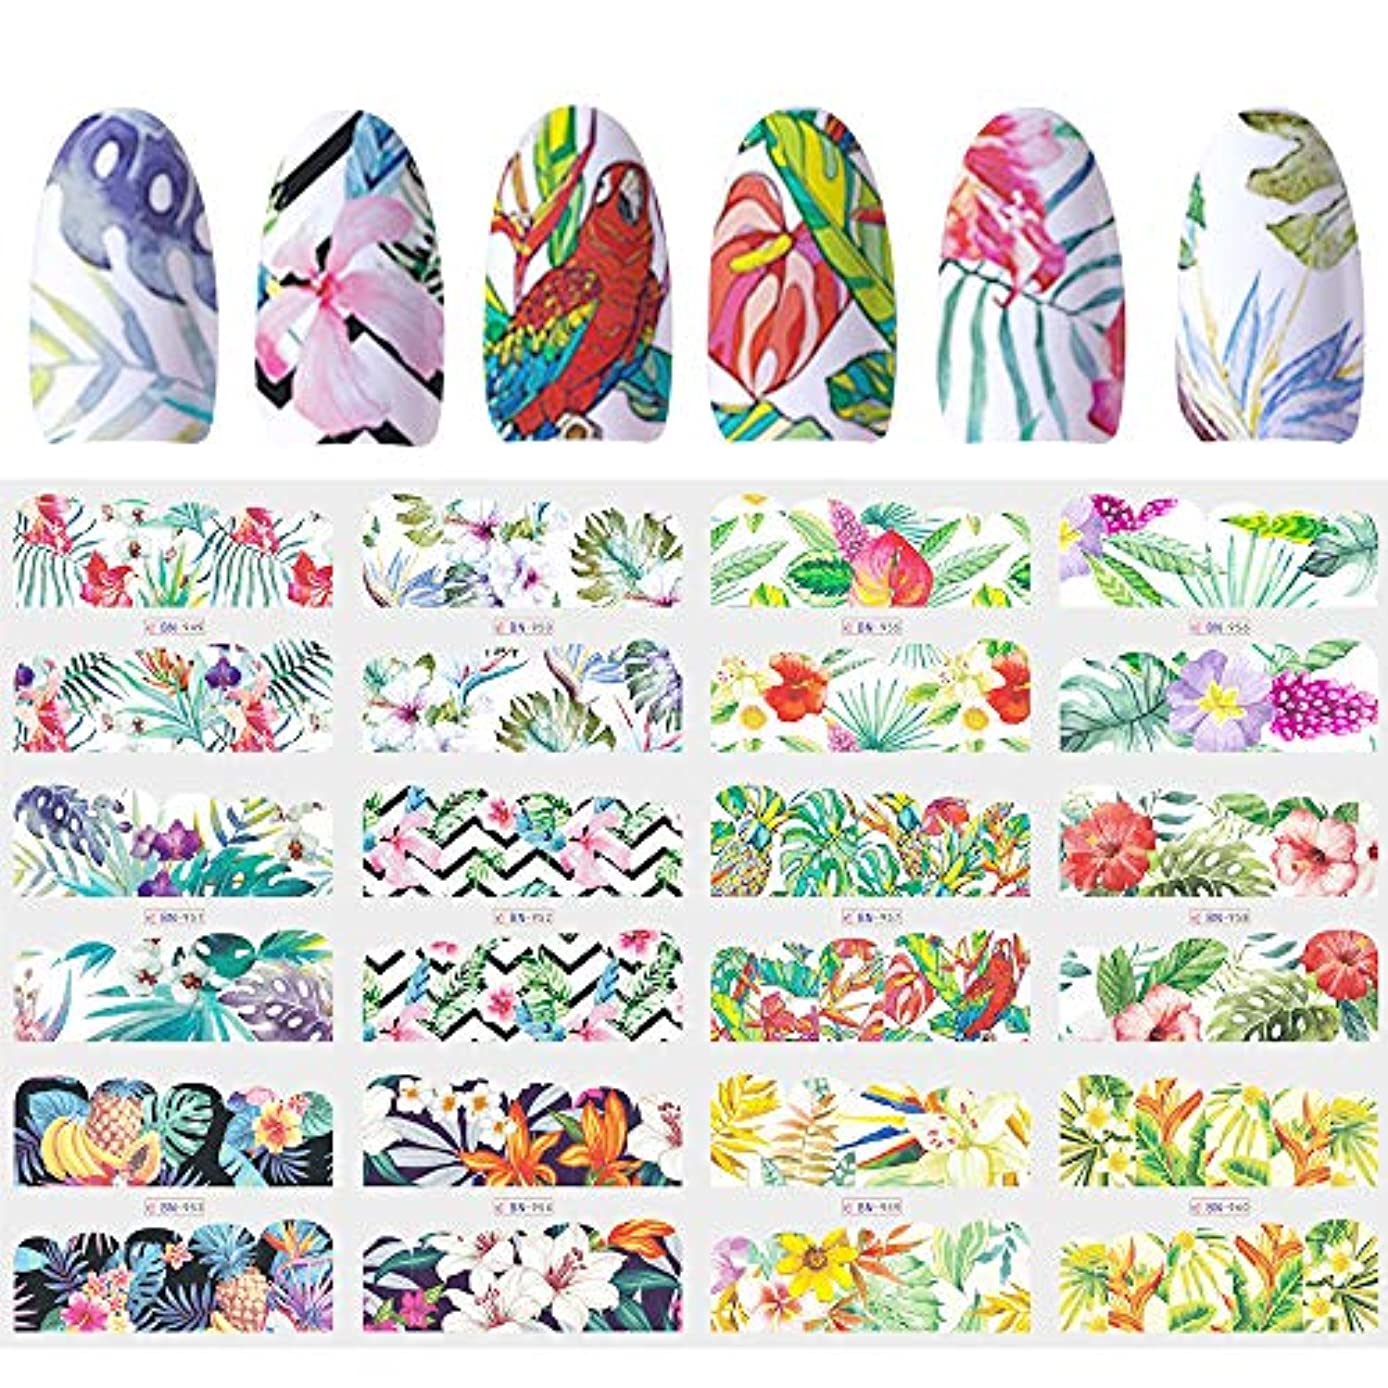 条約寛大な硬さSUKTI&XIAO ネイルステッカー 12デザインスライダーネイルステッカー水デカール転送タトゥートロピカルジャングル動物の花の接着剤マニキュアの装飾のヒント